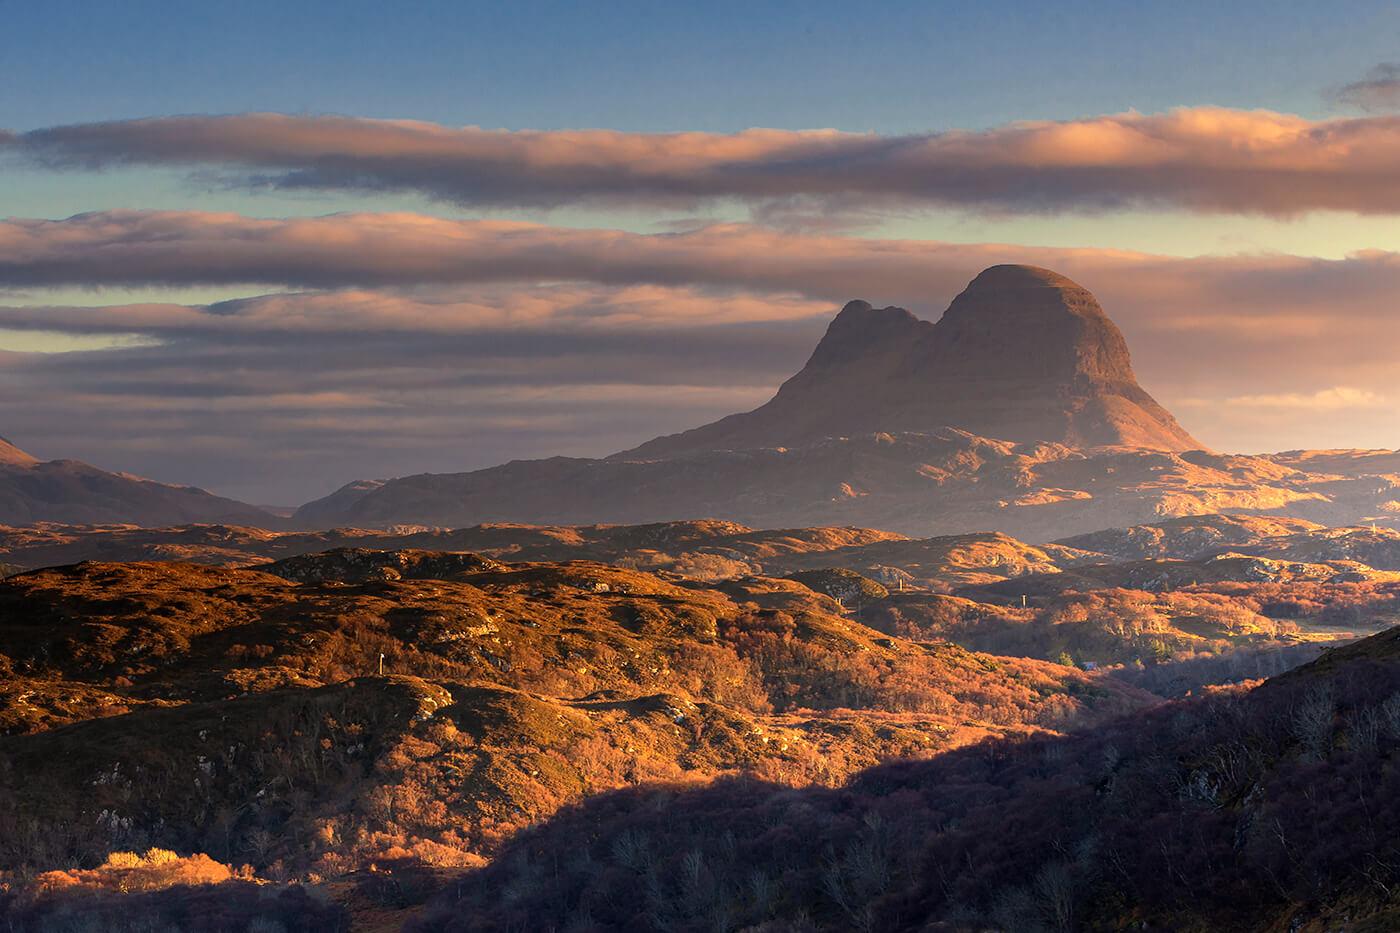 Sunrise, Cùl Mòr and Suilven, Assynt, Scotland